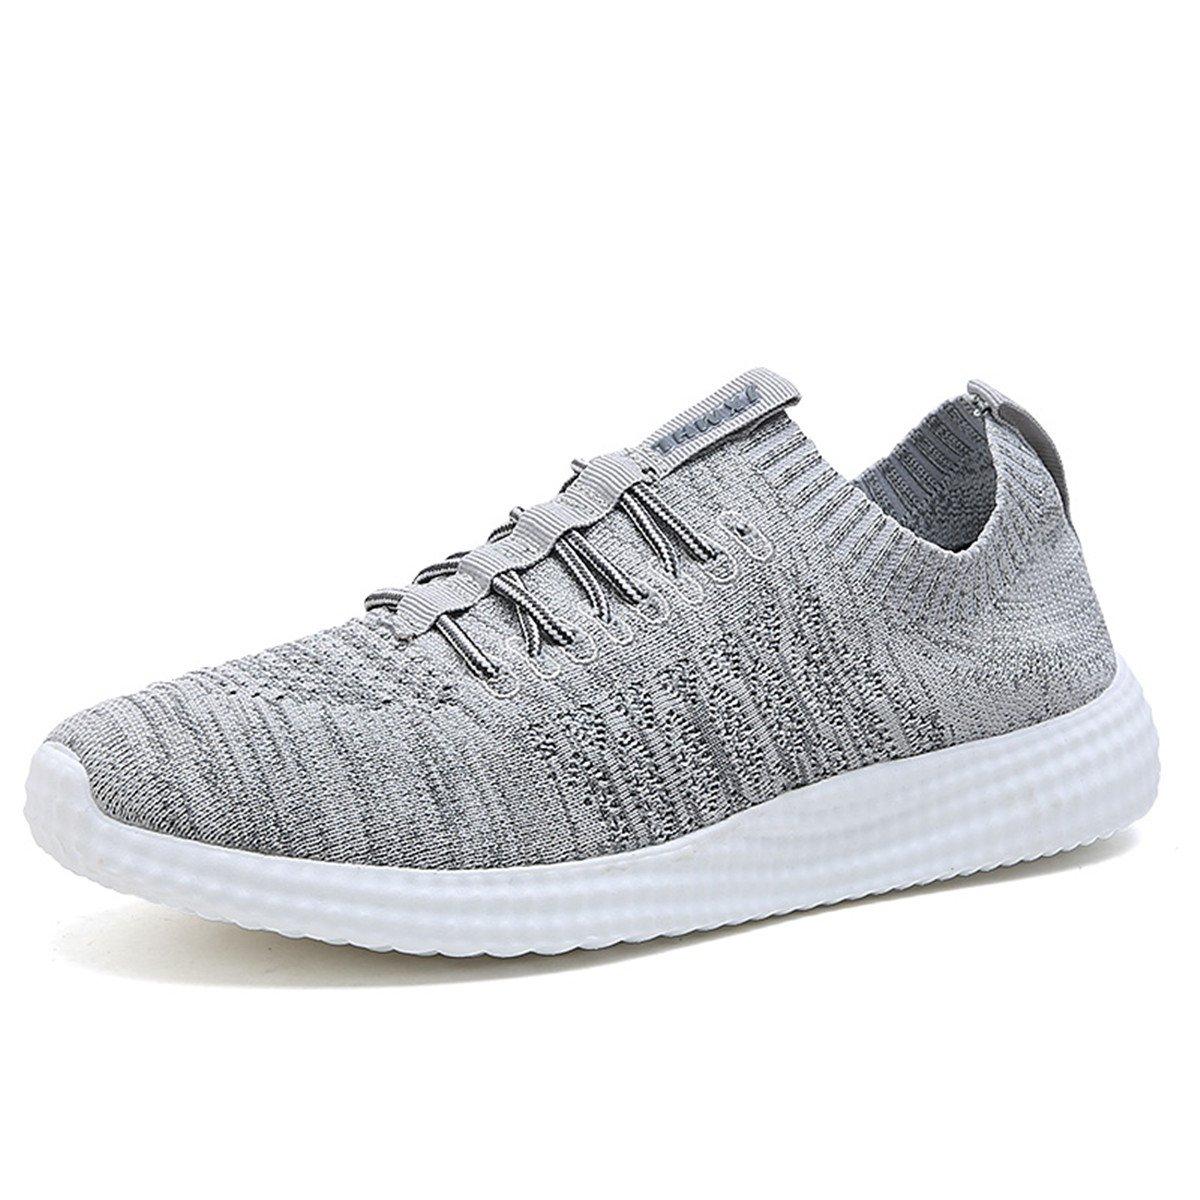 ZanYeing Zapatos para Correr de Los Hombres Calzado de Fitness para Interiores Calzado Deportivo Al Aire Libre Transpirable Resistente Al Desgaste Zapatos Casuales Ligeros